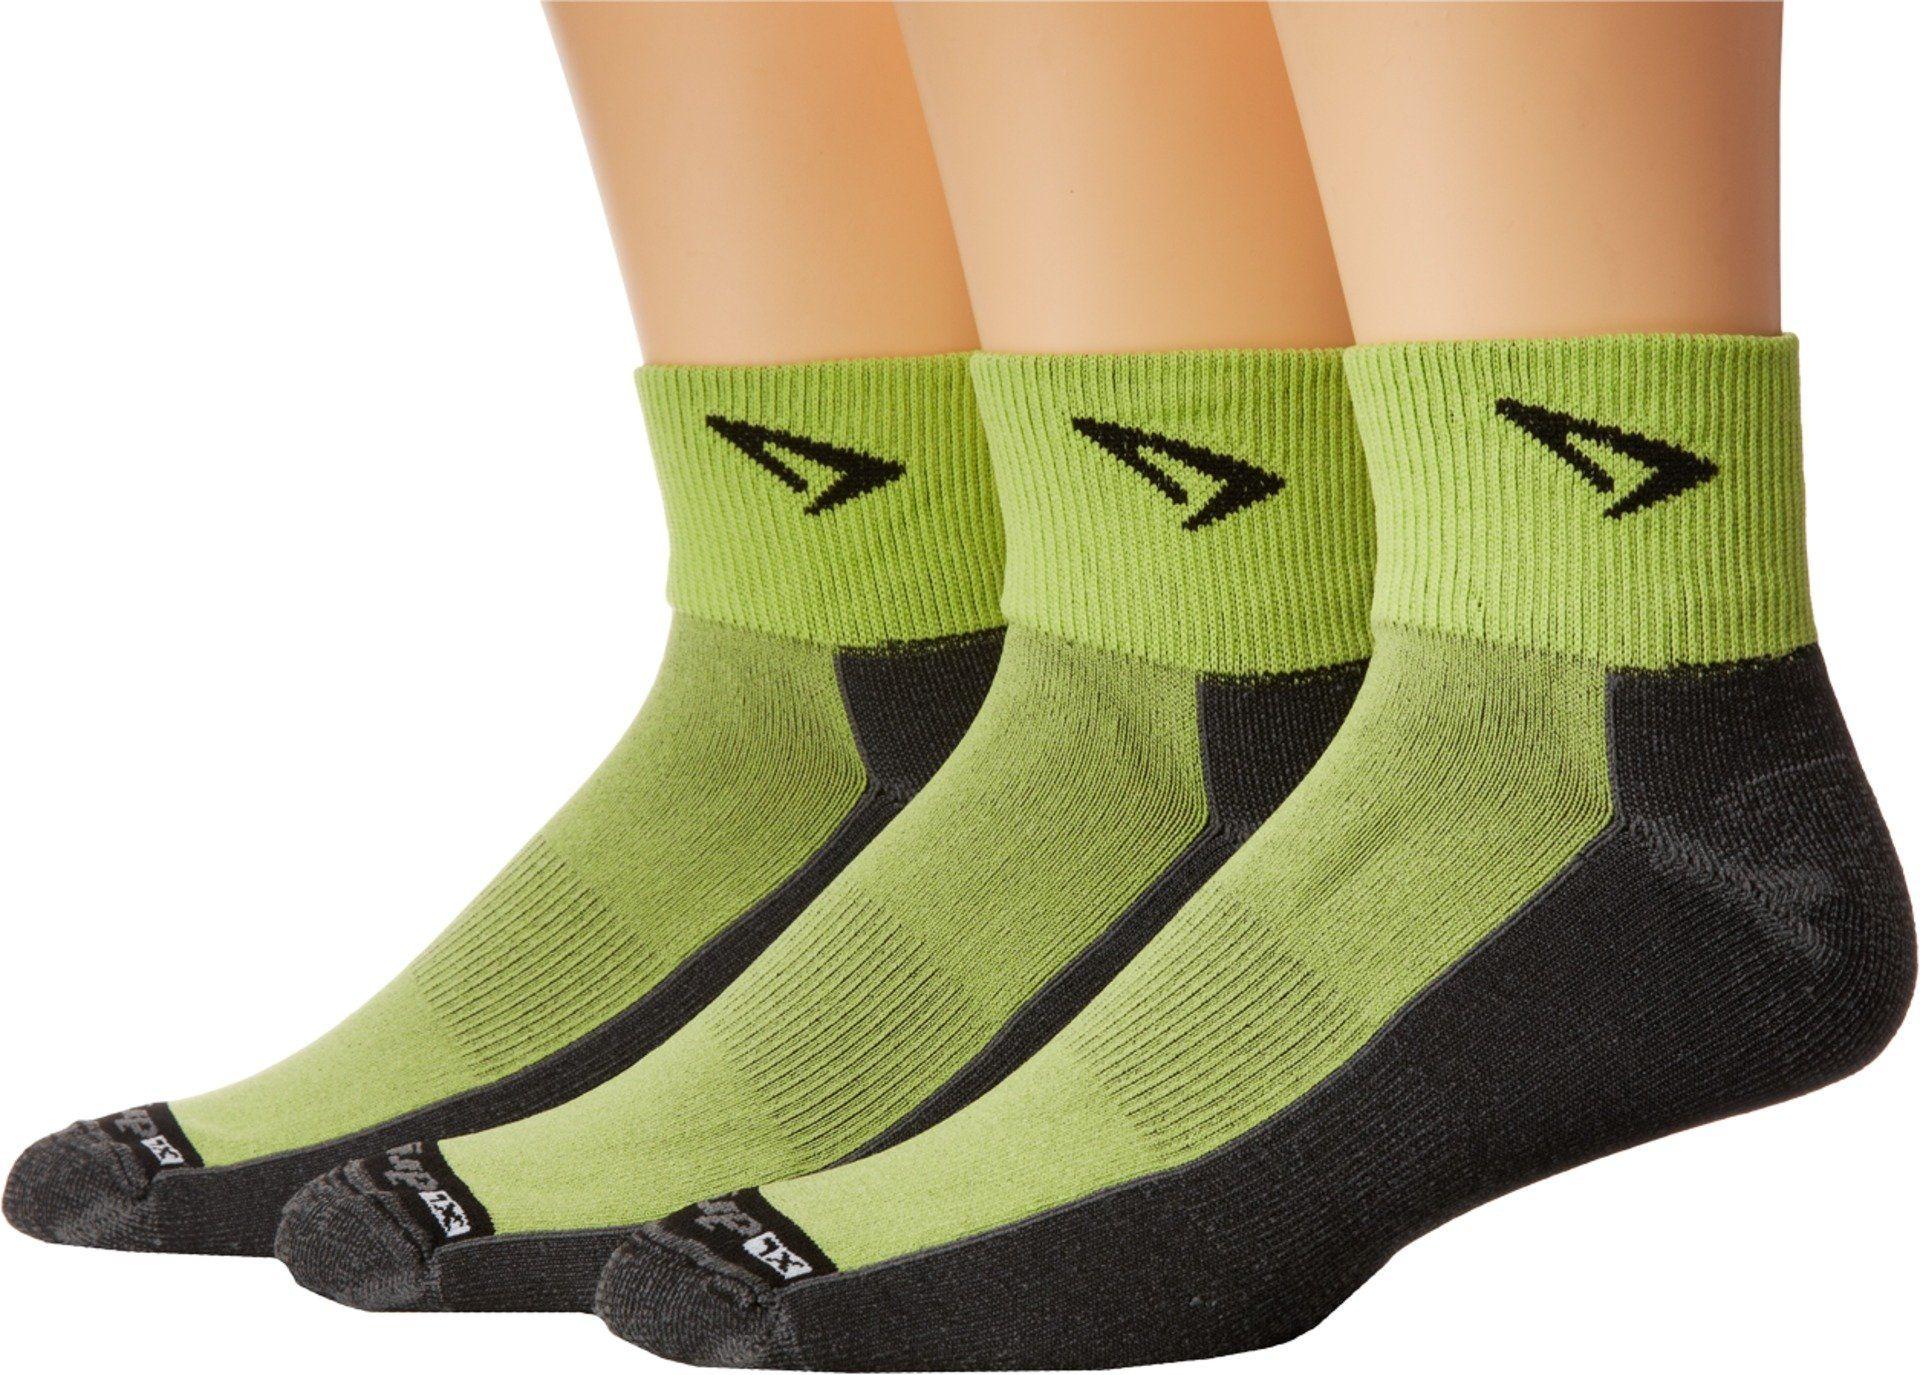 80e2e41952 Drymax Sport Unisex Lite Trail Running 1/4 Crew Turn Down 3-Pair Pack Lime  Green/Gray Socks LG (Men's Shoe 8.5-10.5, Women's Shoe 10-12)